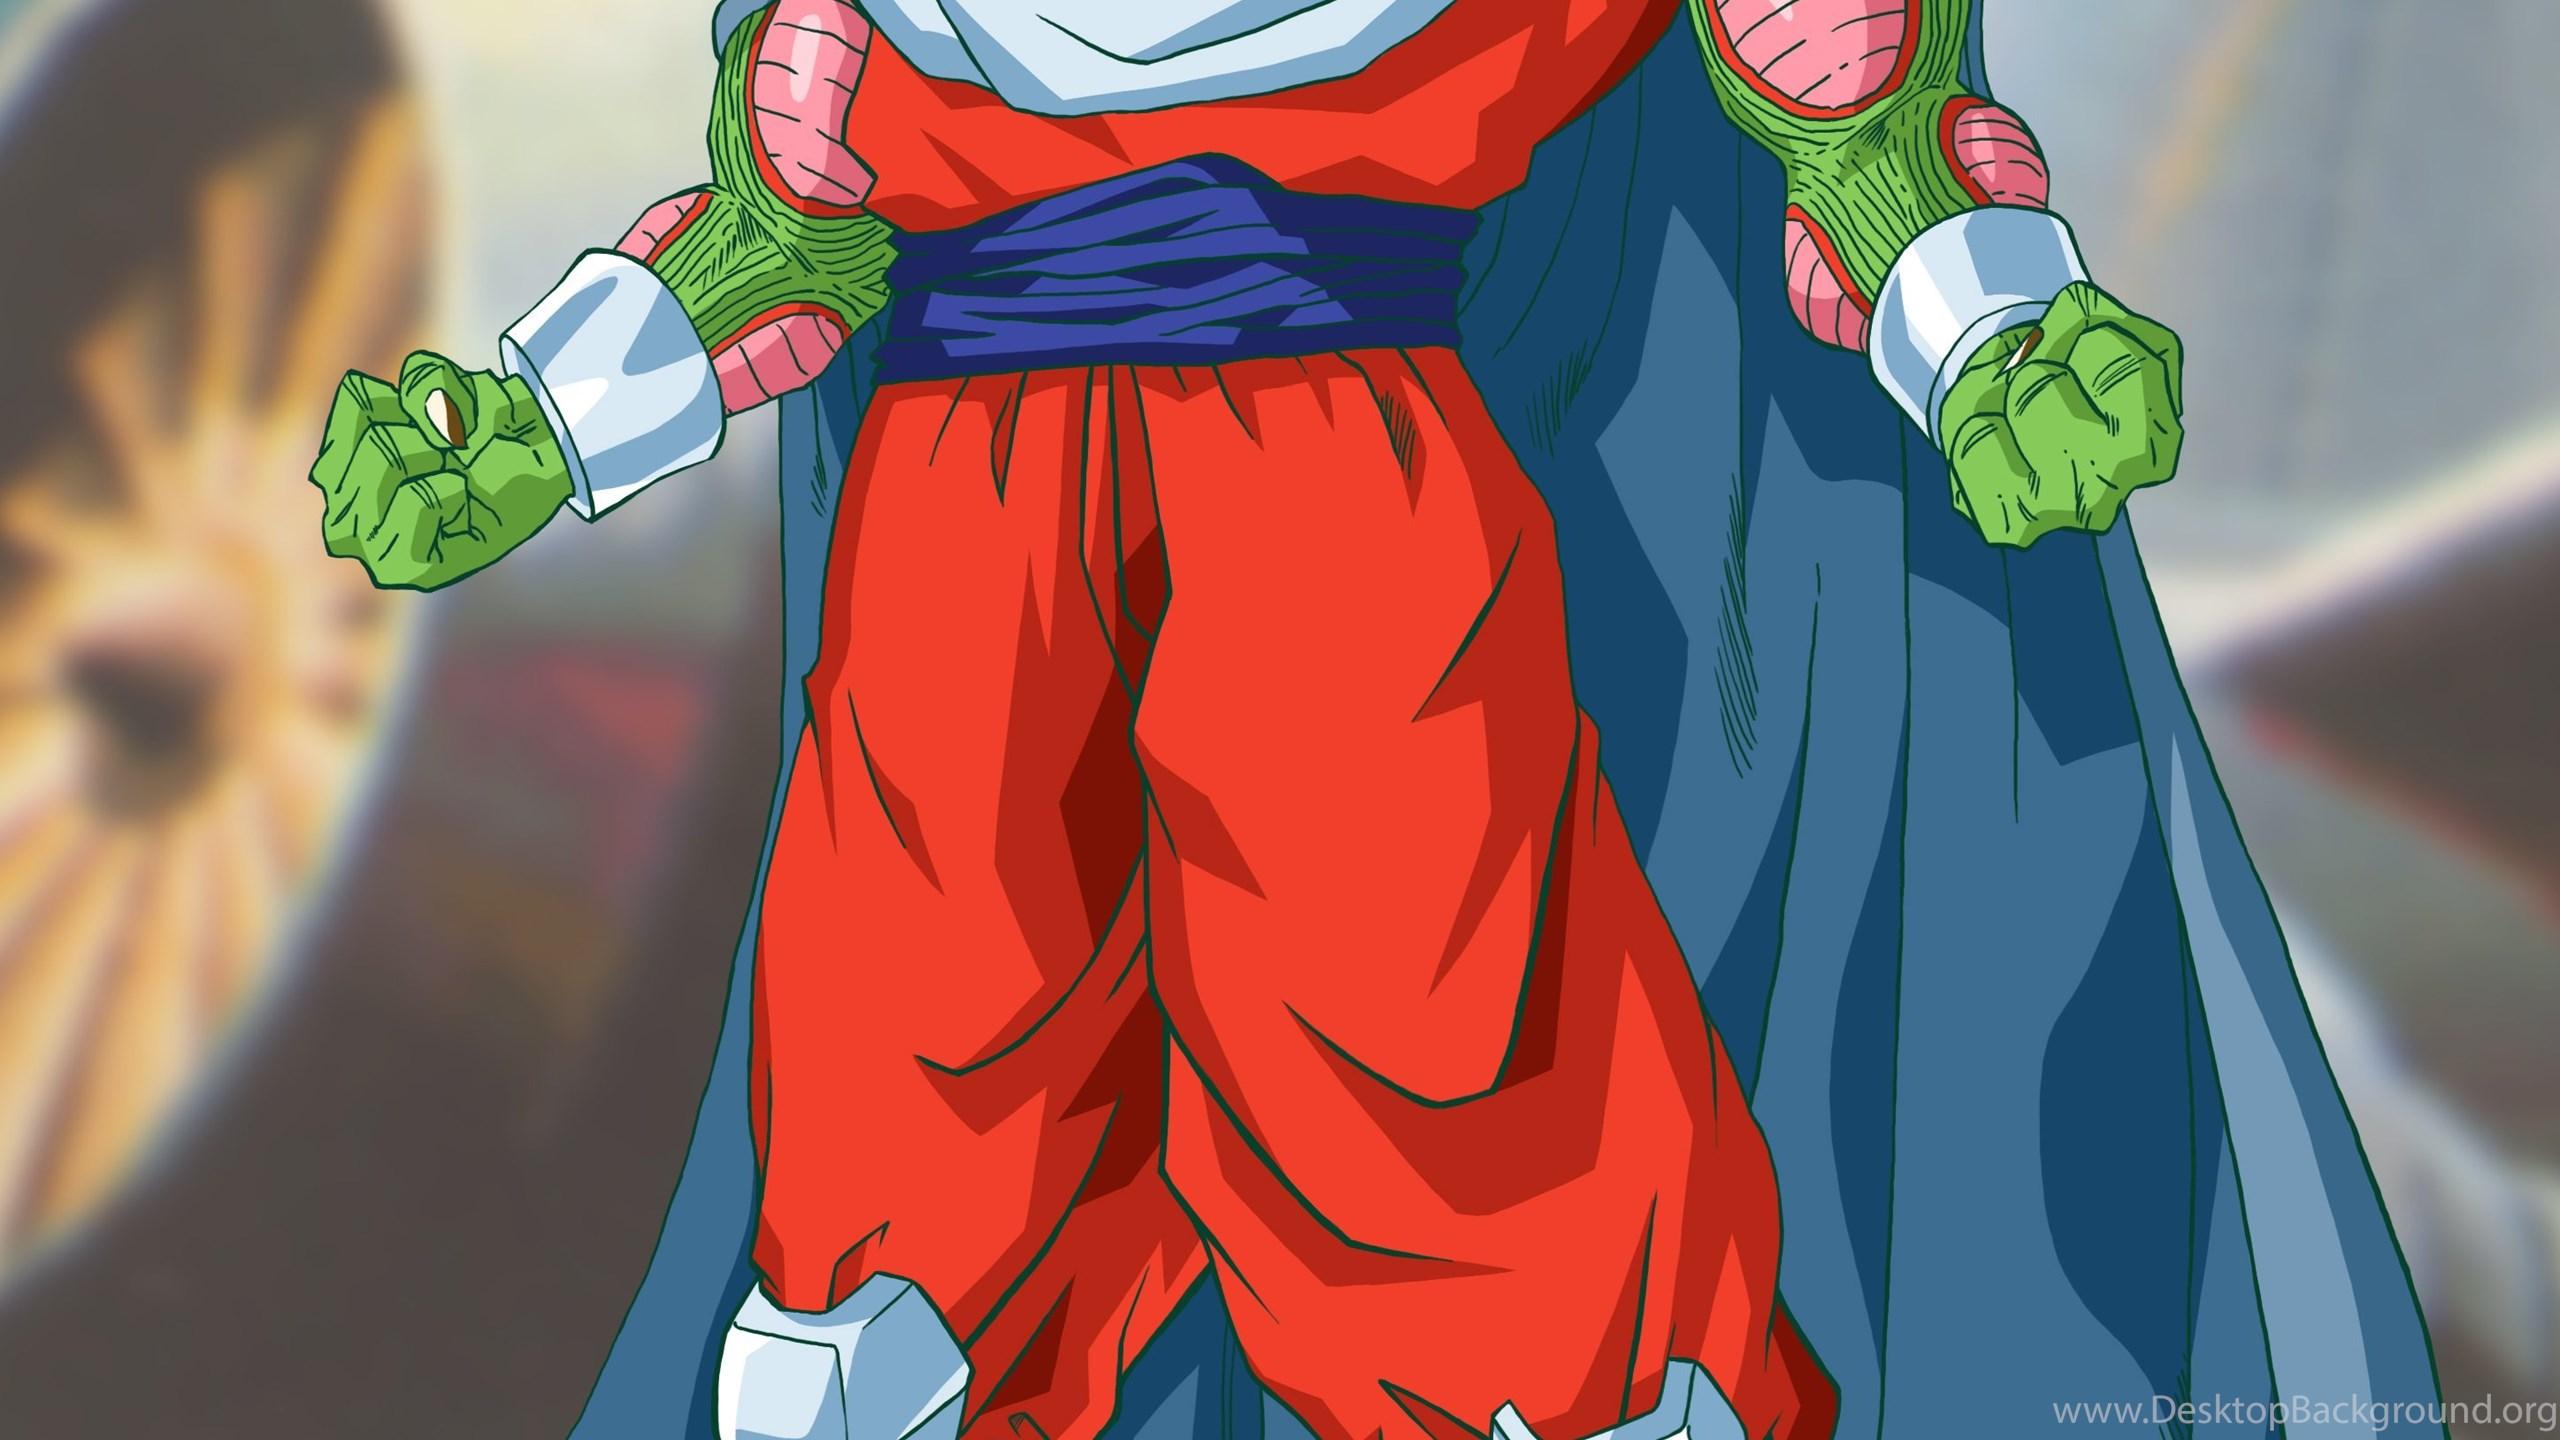 Piccolo Dragon Ball Z M Bison Wallpapers Desktop Background